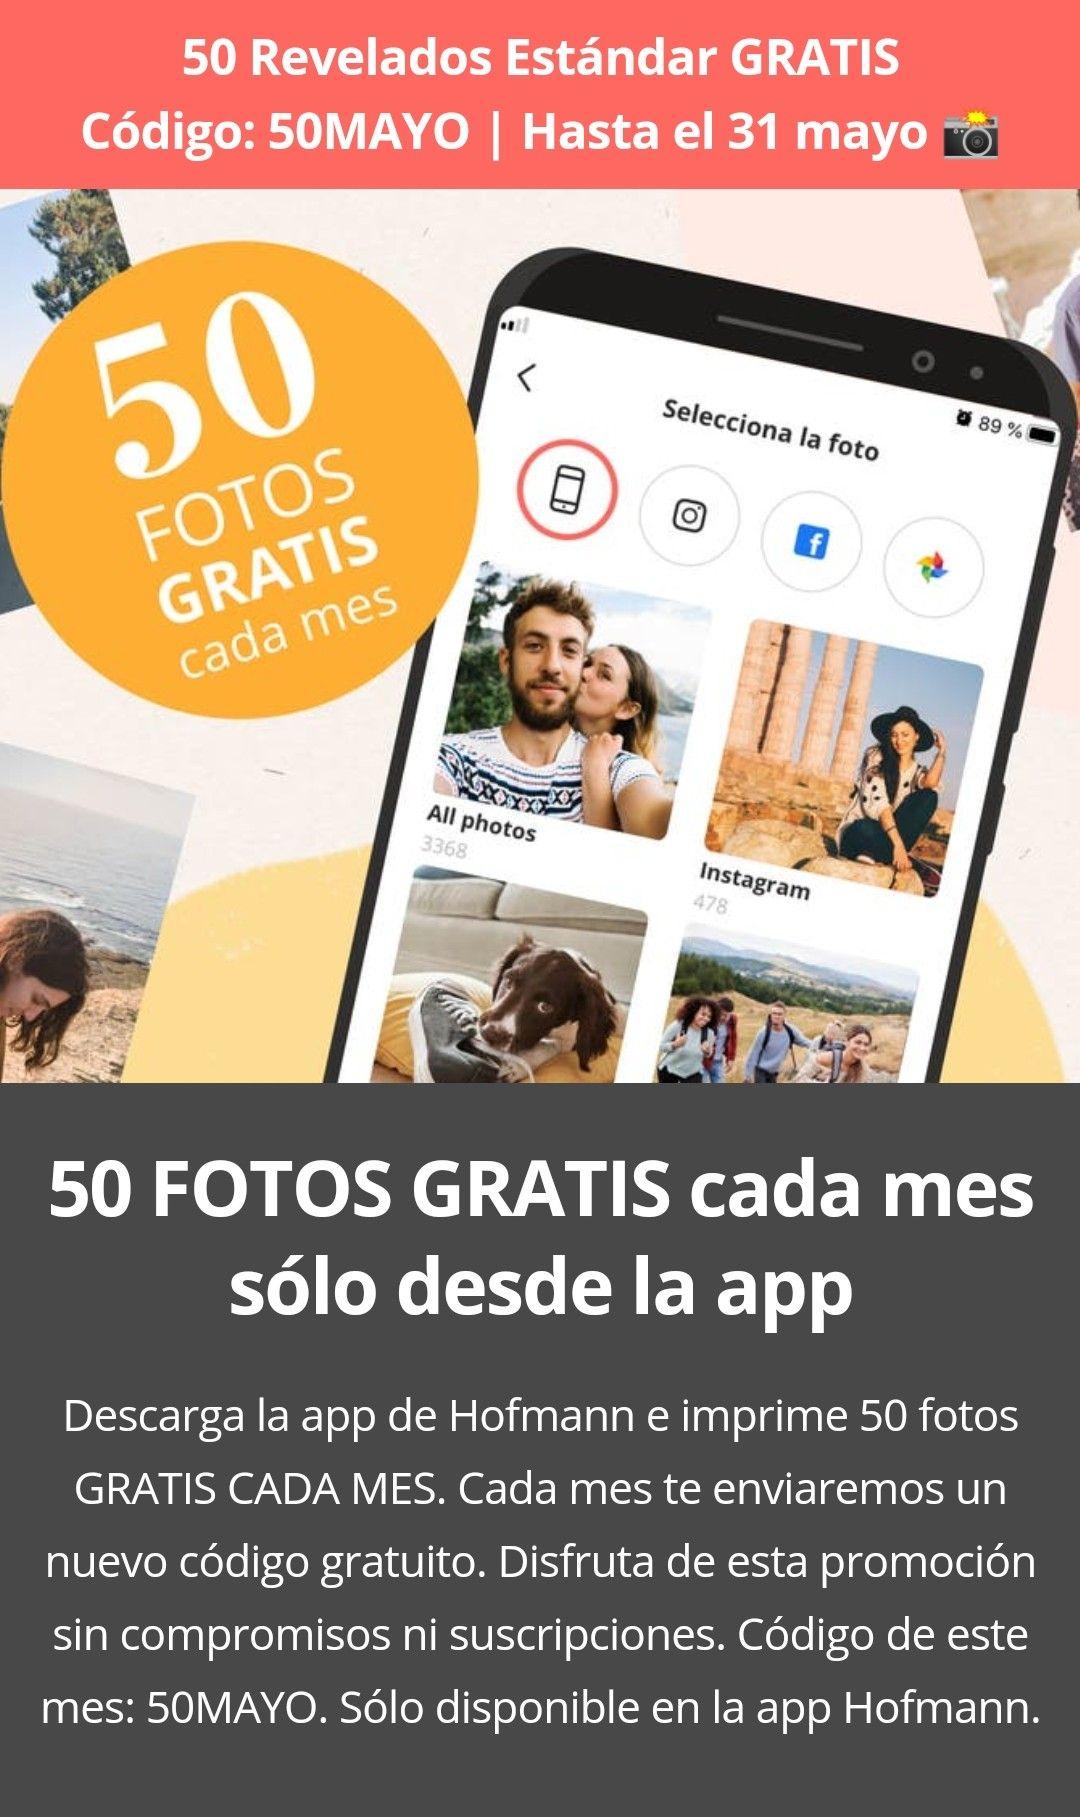 50 Revelados Estándar solo pagando los gastos de envío (4€). Hasta el 31 mayo